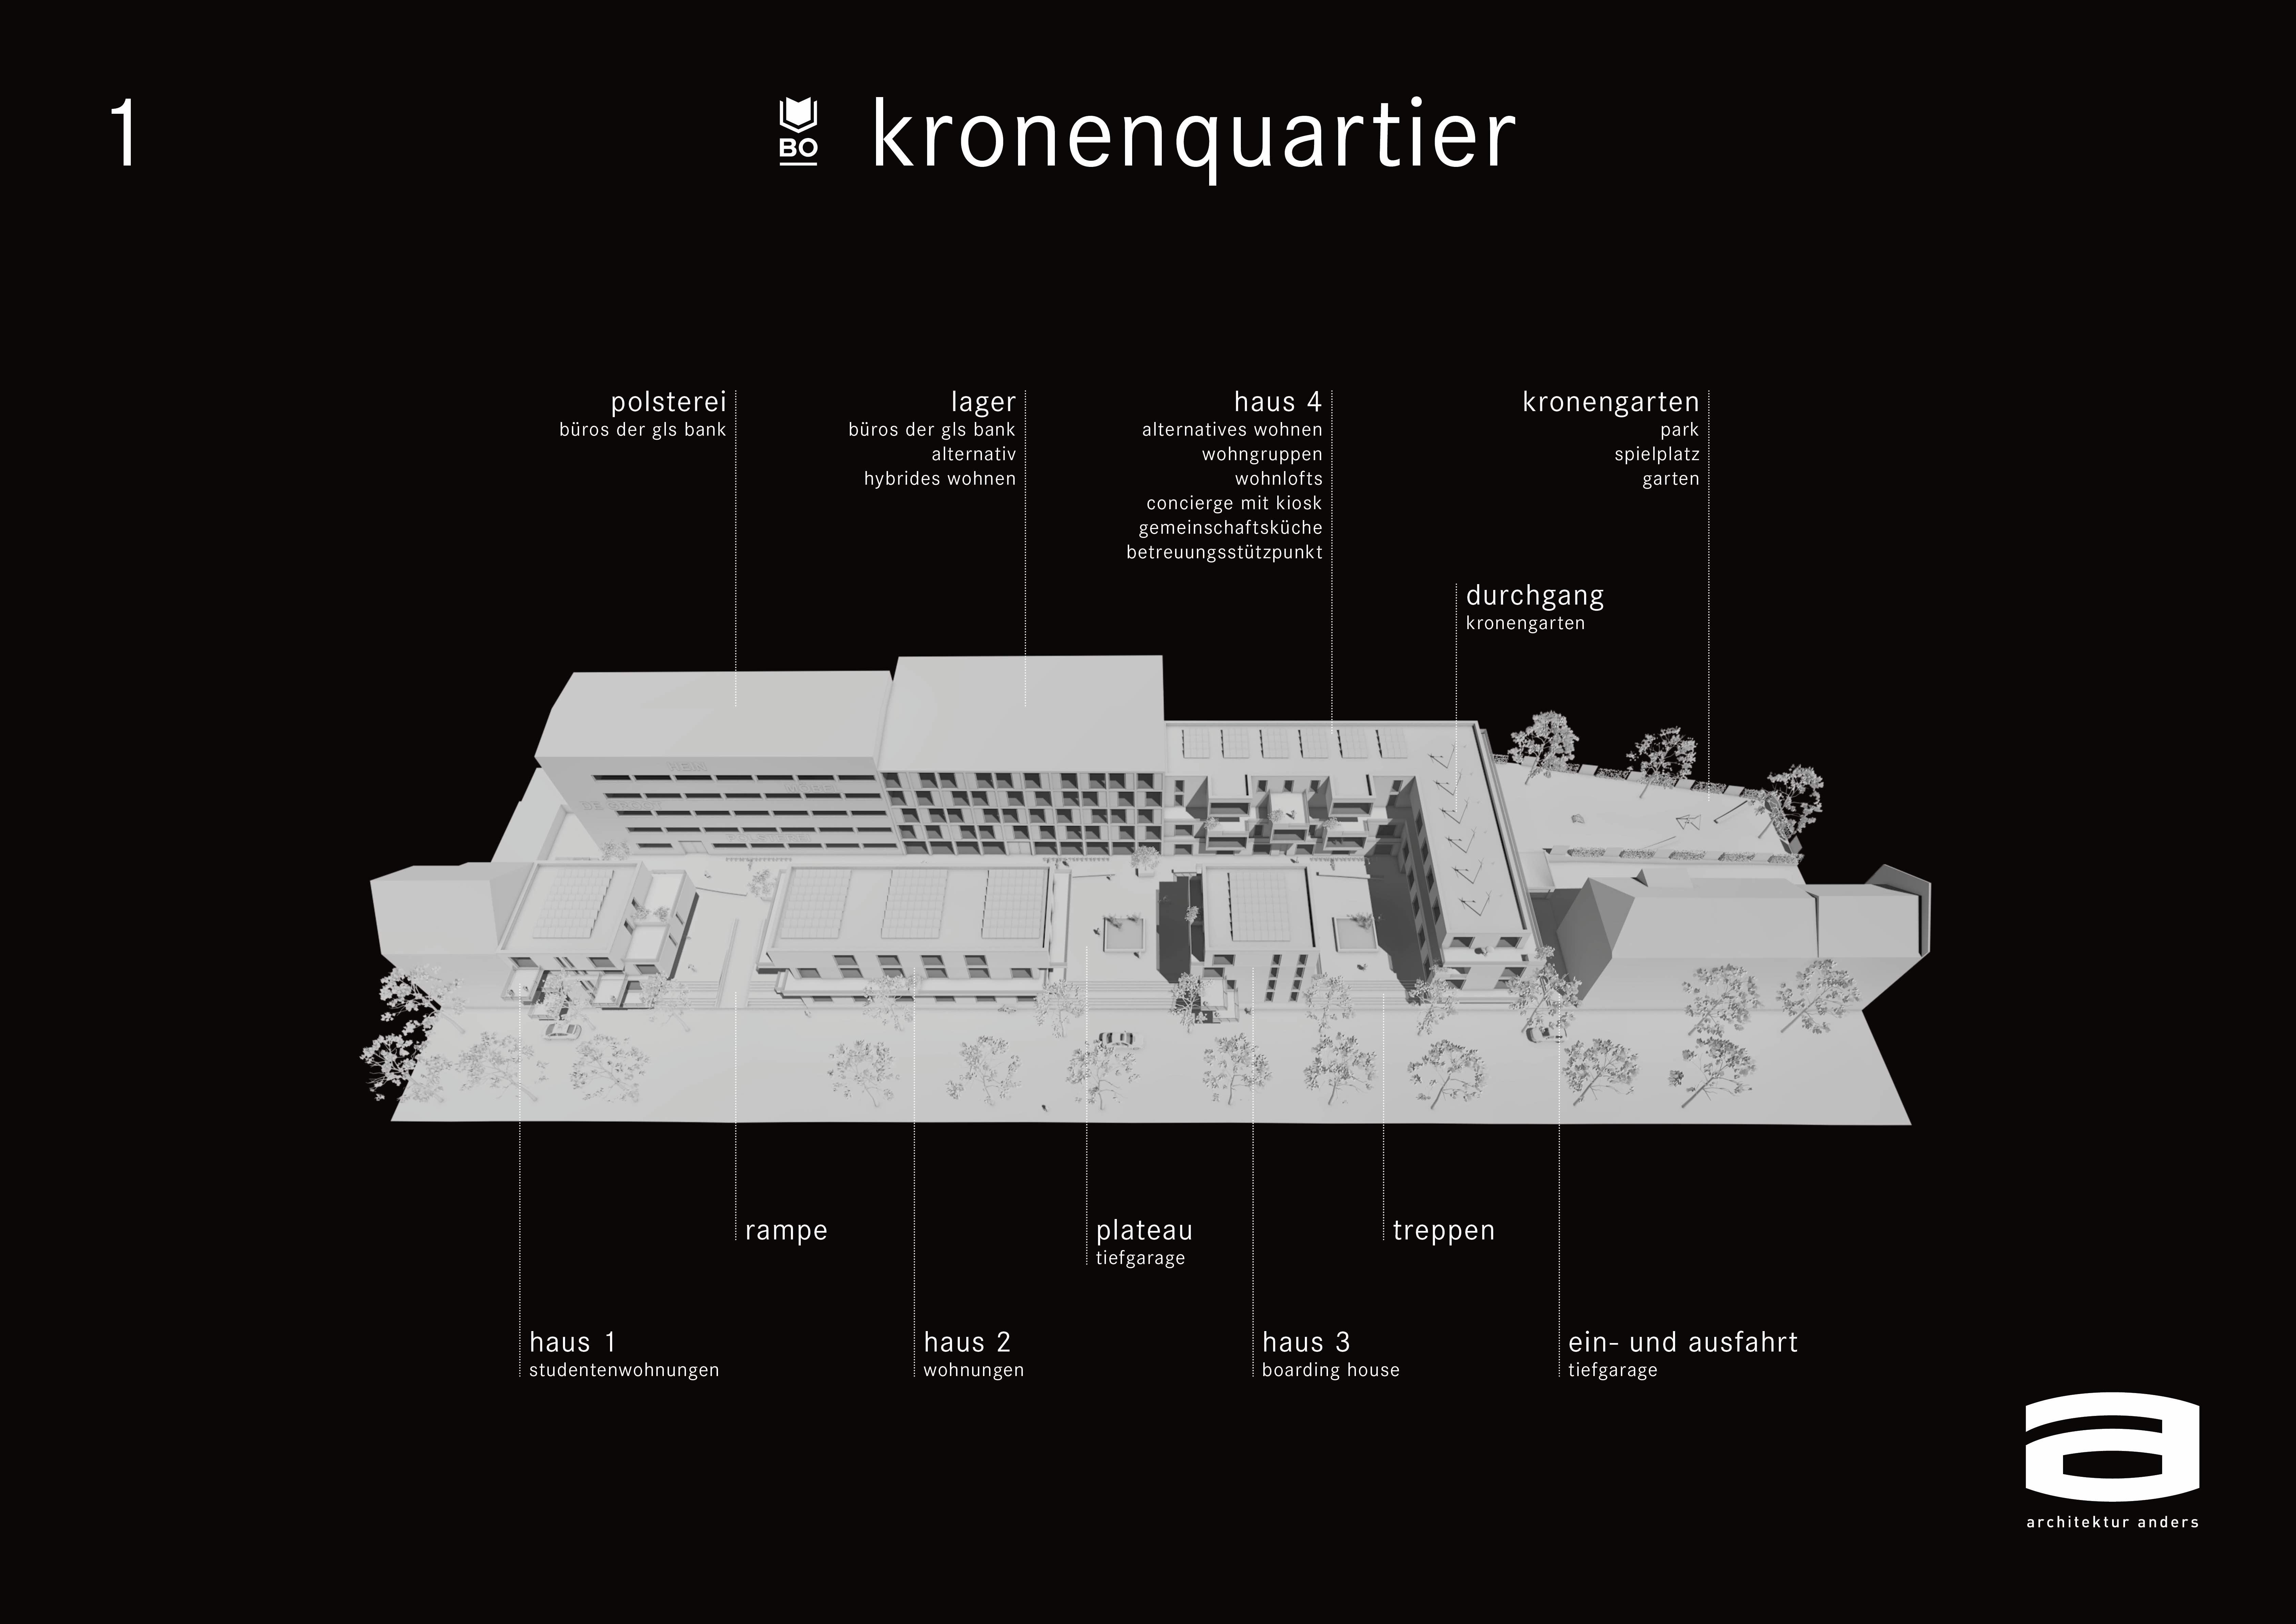 http://architektur-anders.de/wp-content/uploads/2018/06/architektur-anders_BO-kronenquartier_2015_1.jpg